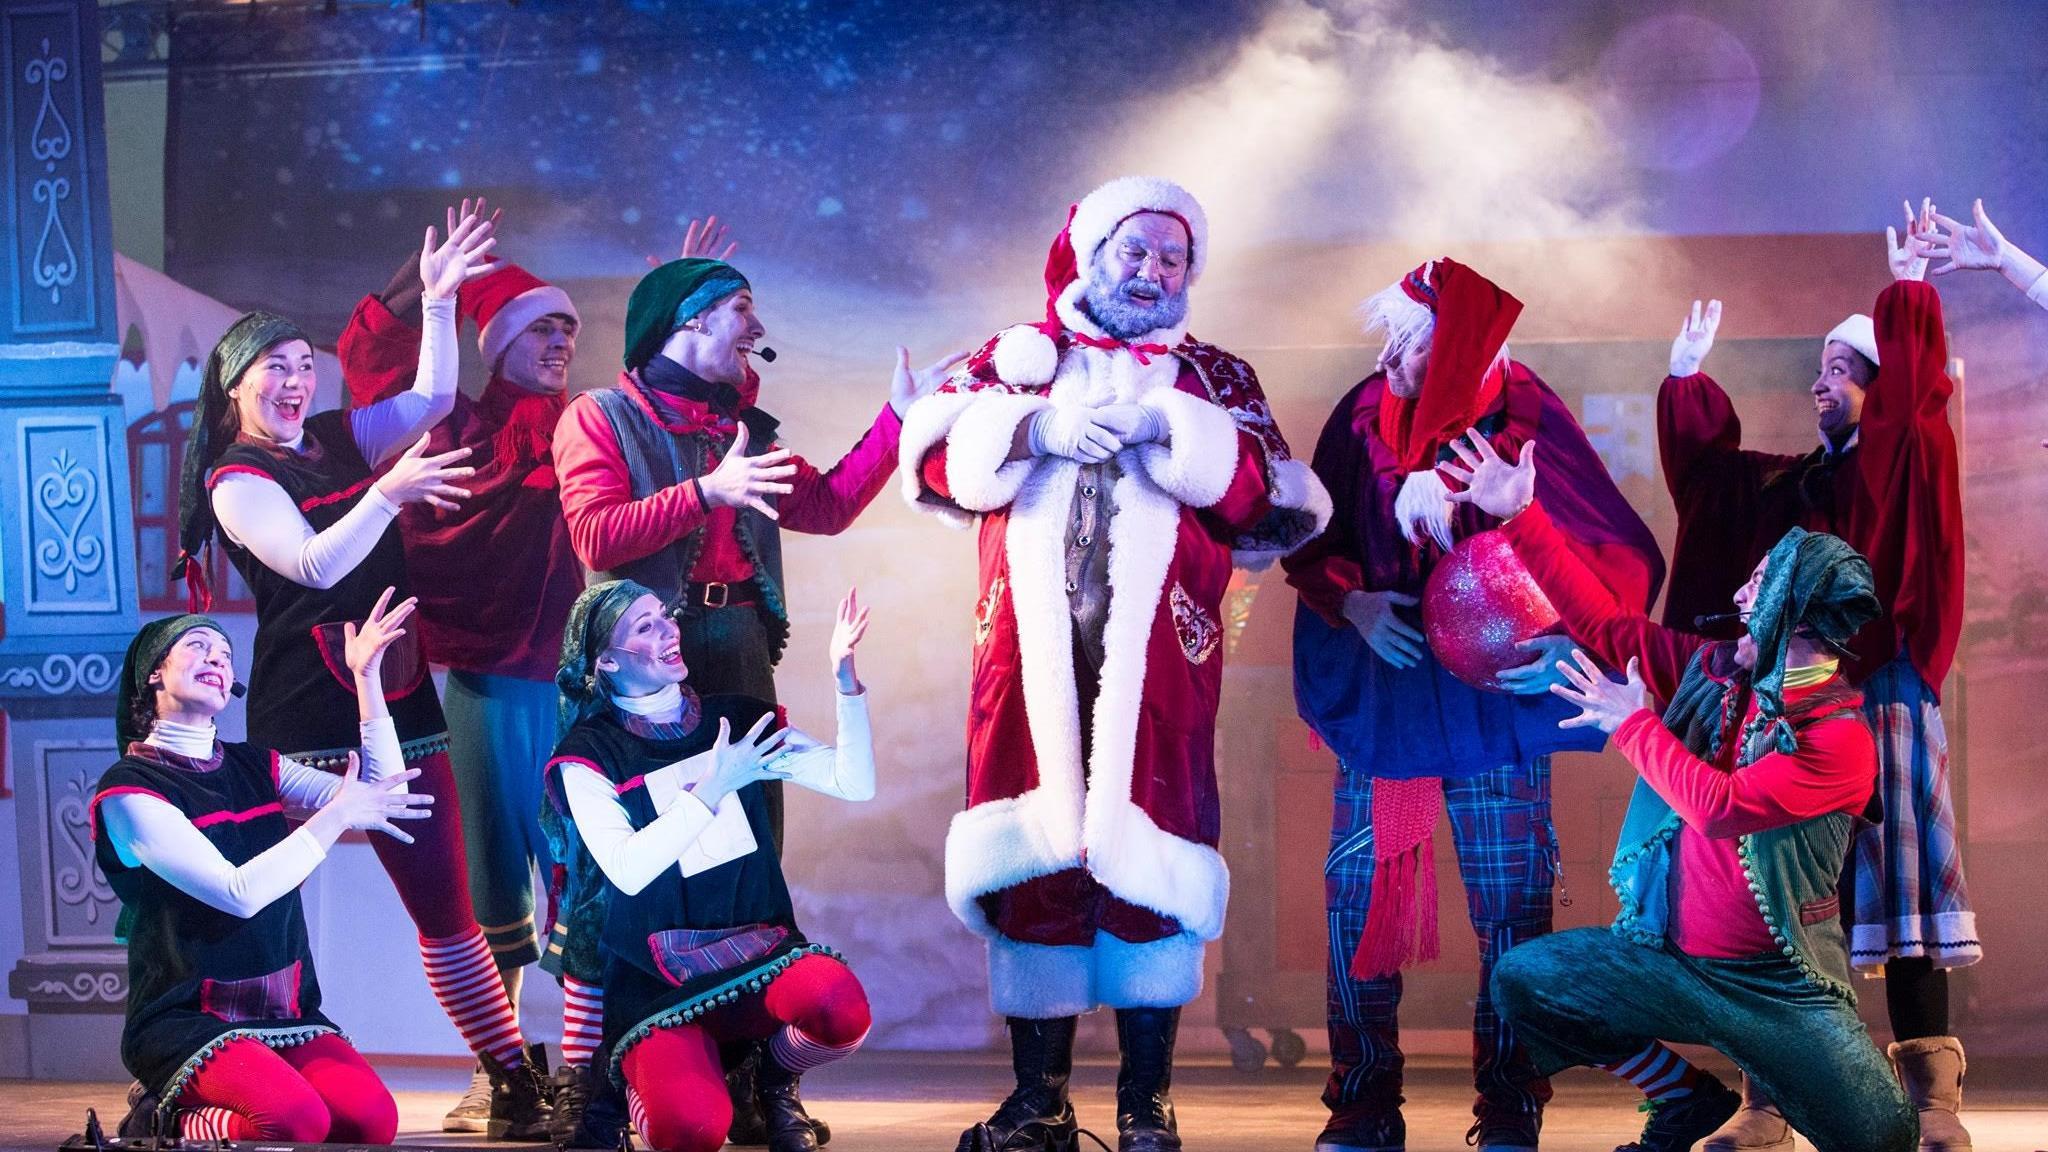 Show di Natale con arrivo di Babbo Natale